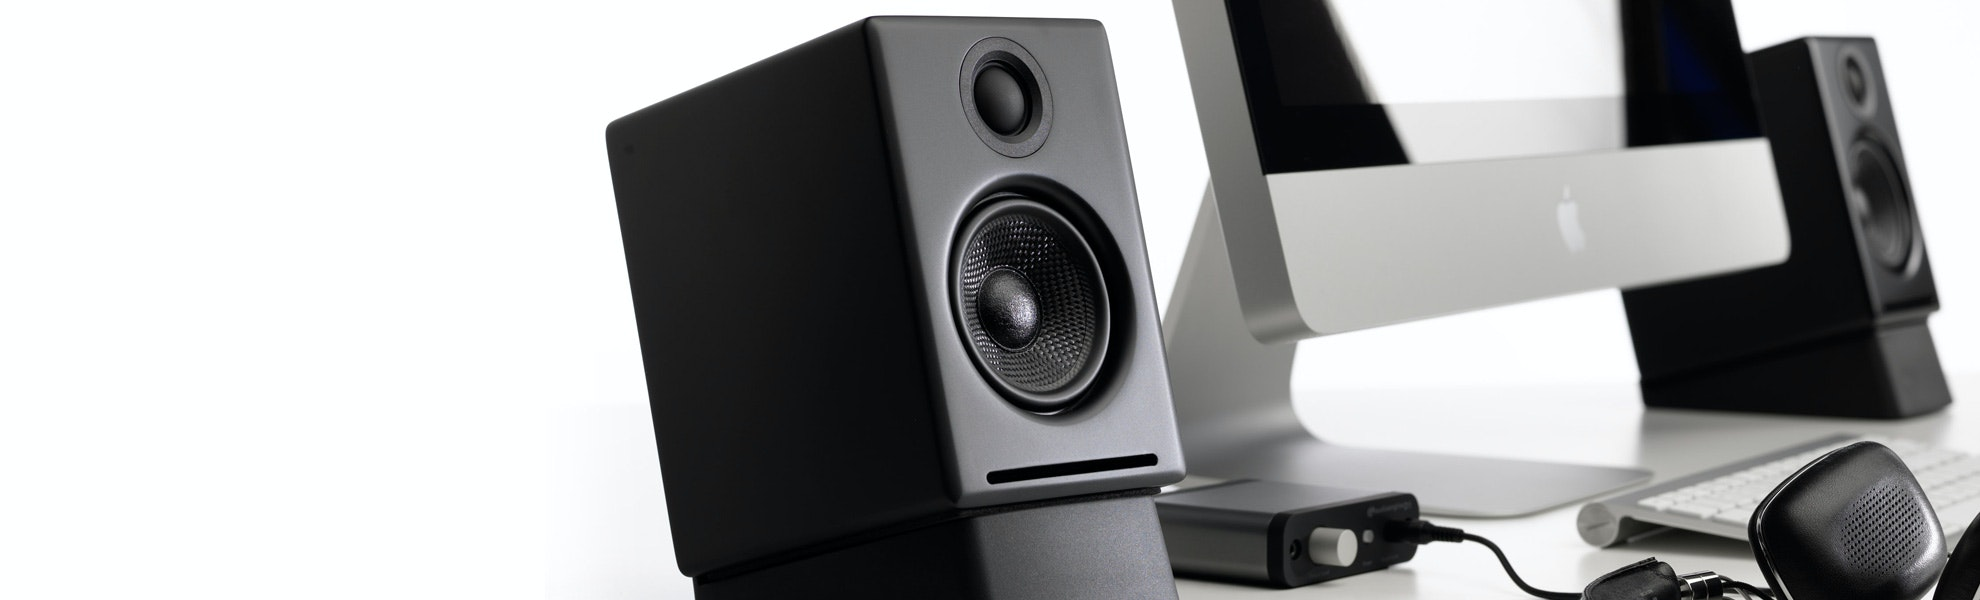 Audioengine A2 Powered Desktop Speakers